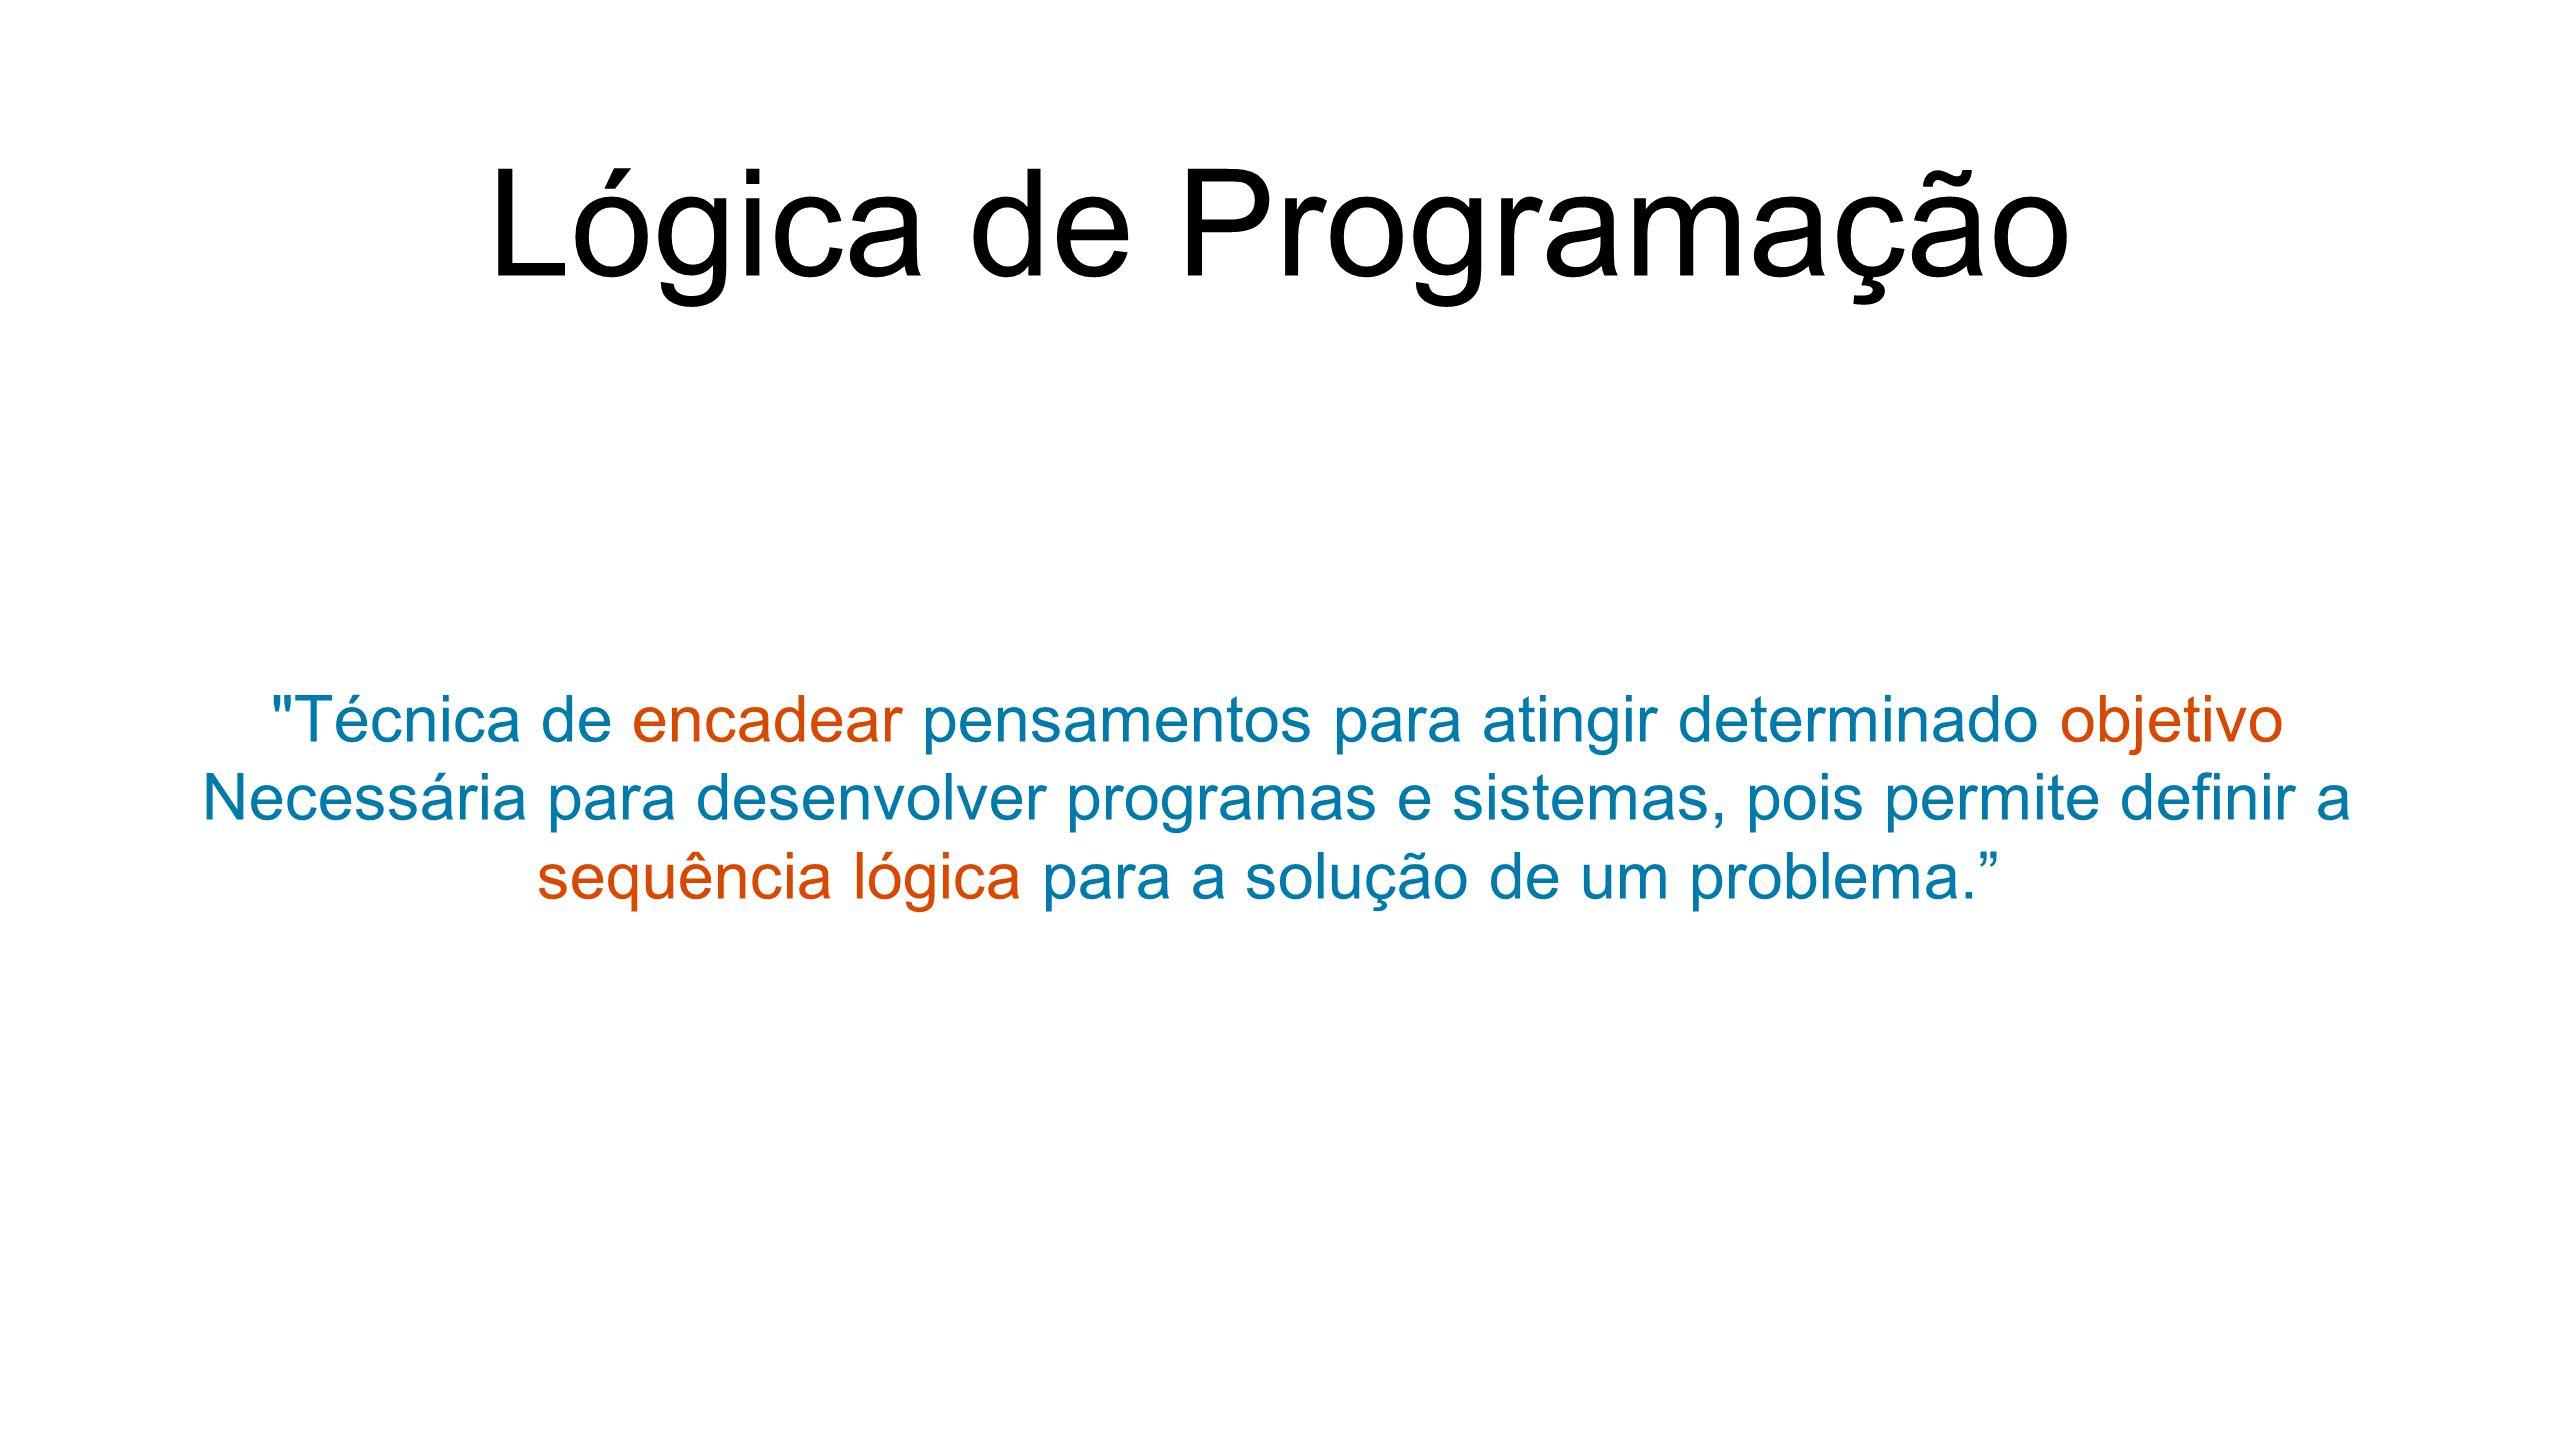 Lógica de Programação Técnica de encadear pensamentos para atingir determinado objetivo Necessária para desenvolver programas e sistemas, pois permite definir a sequência lógica para a solução de um problema.